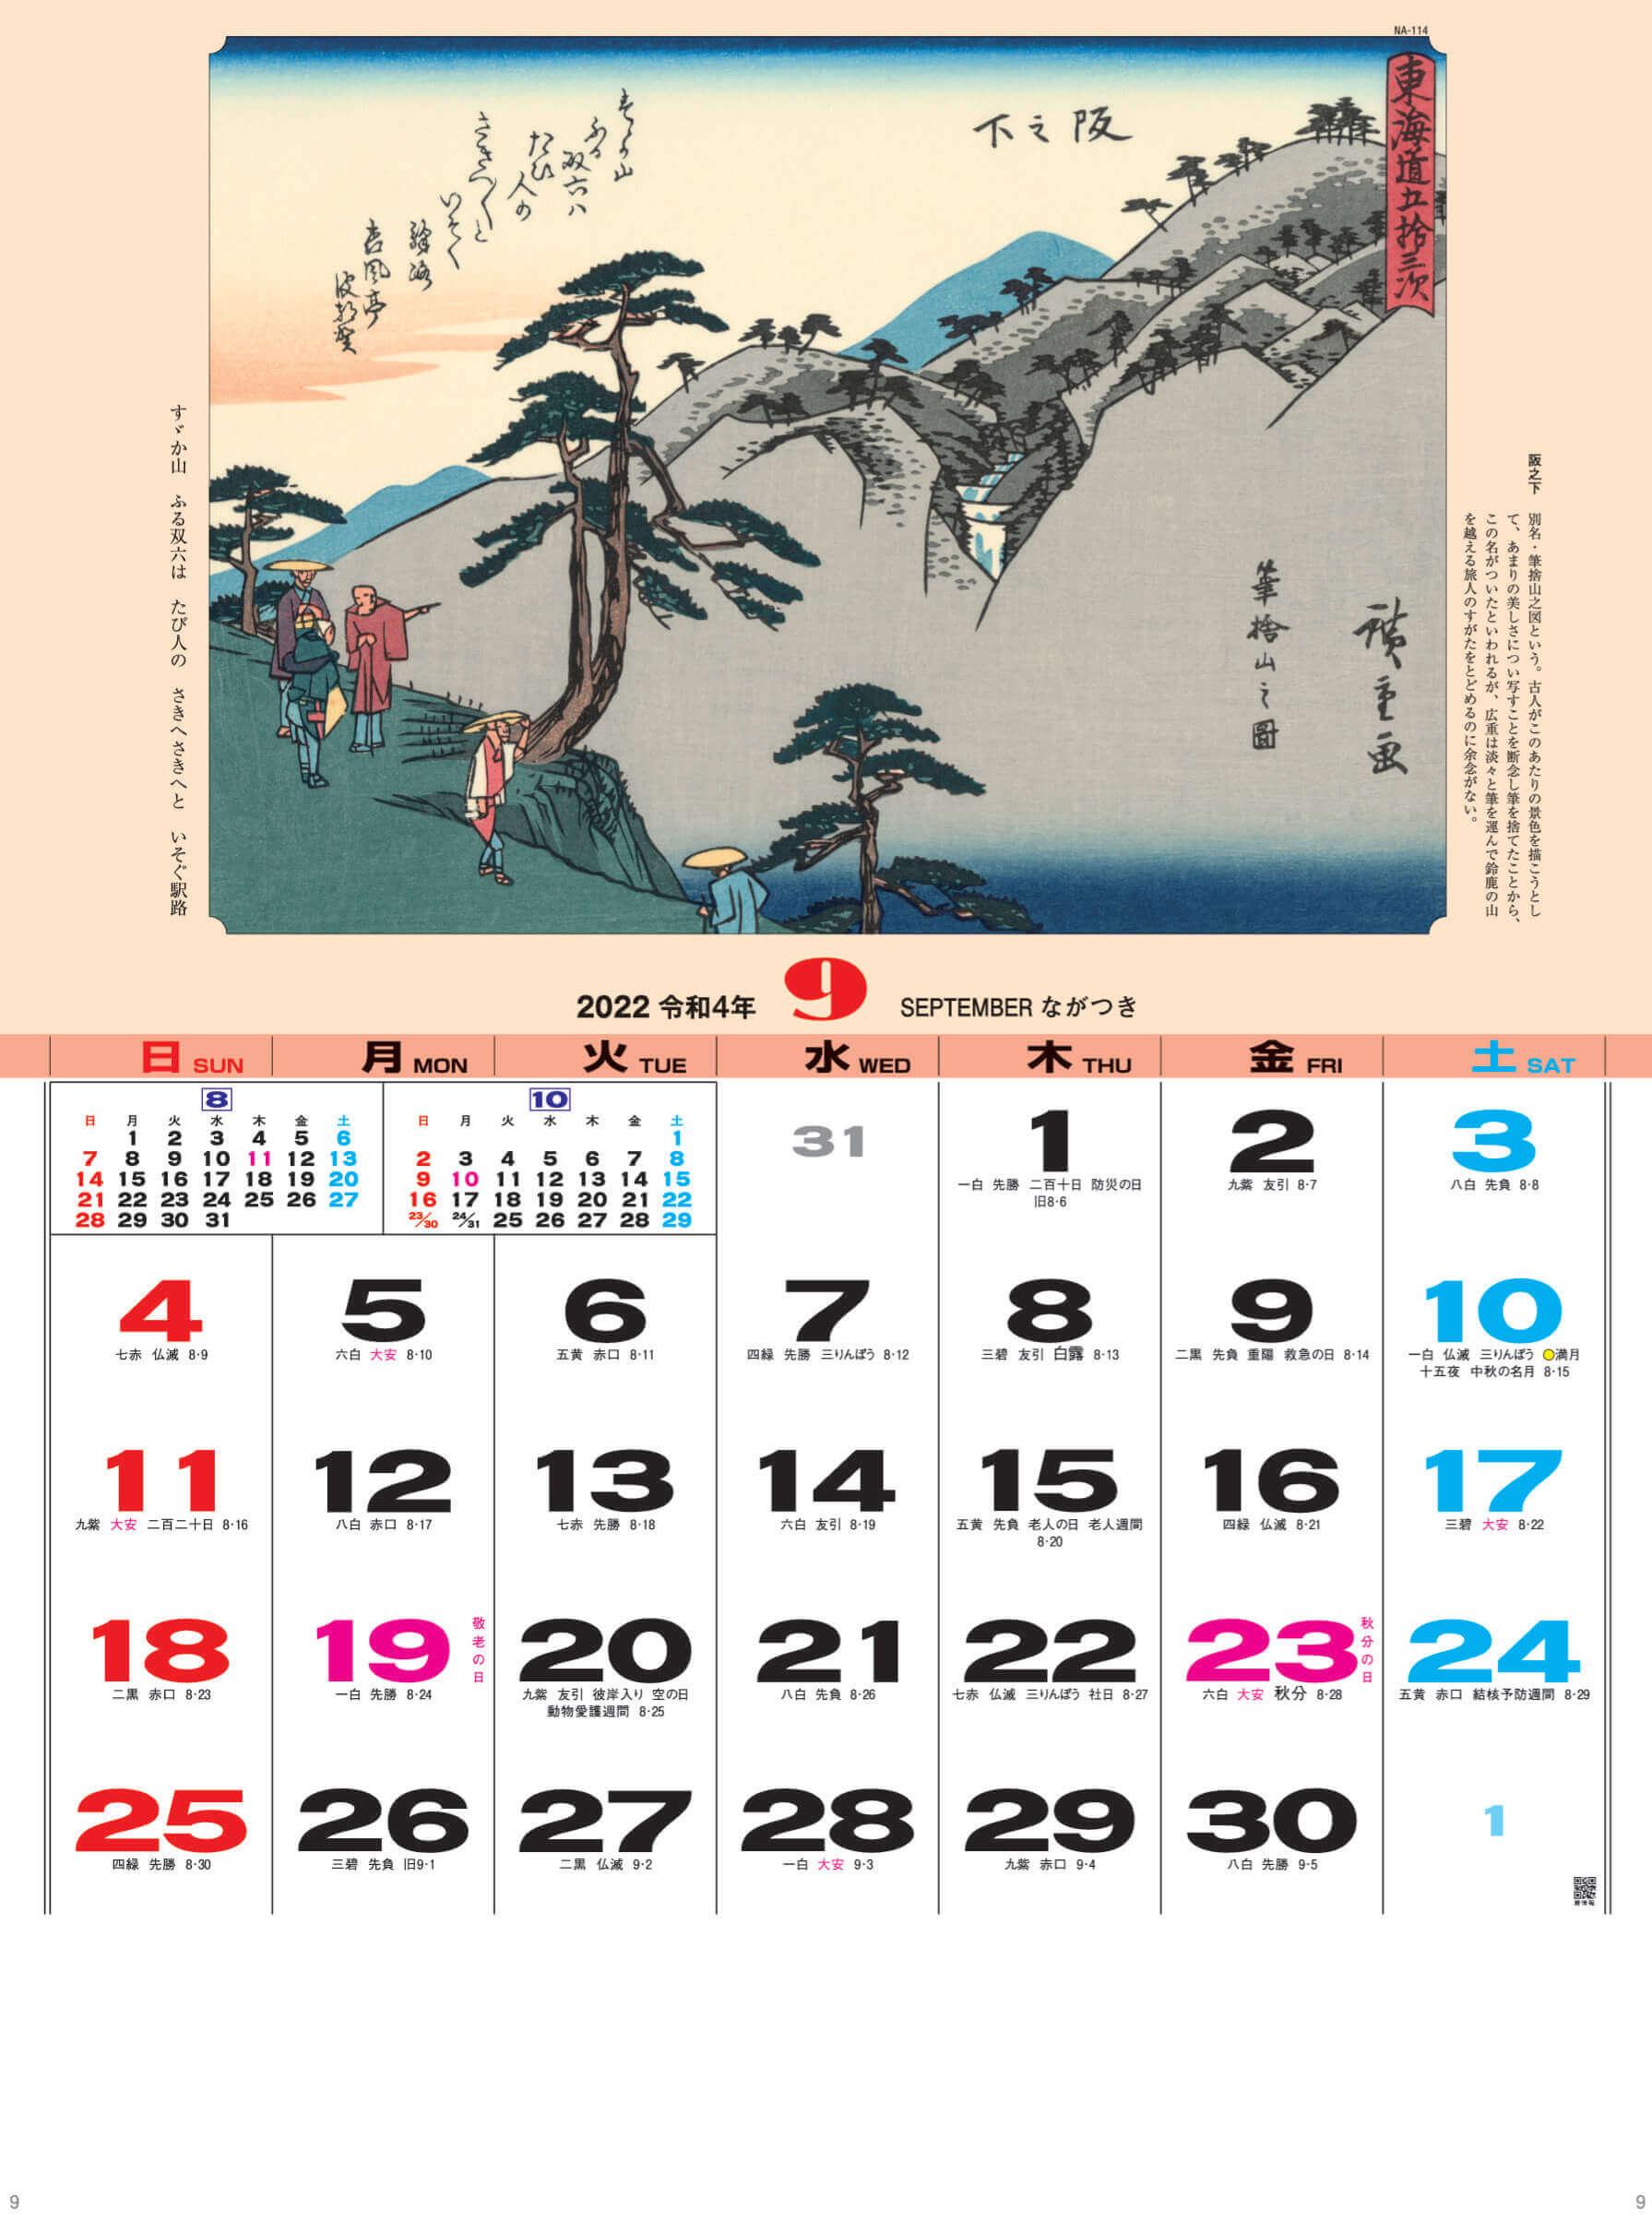 阪之下 広重 東海道五十三次 2022年カレンダーの画像